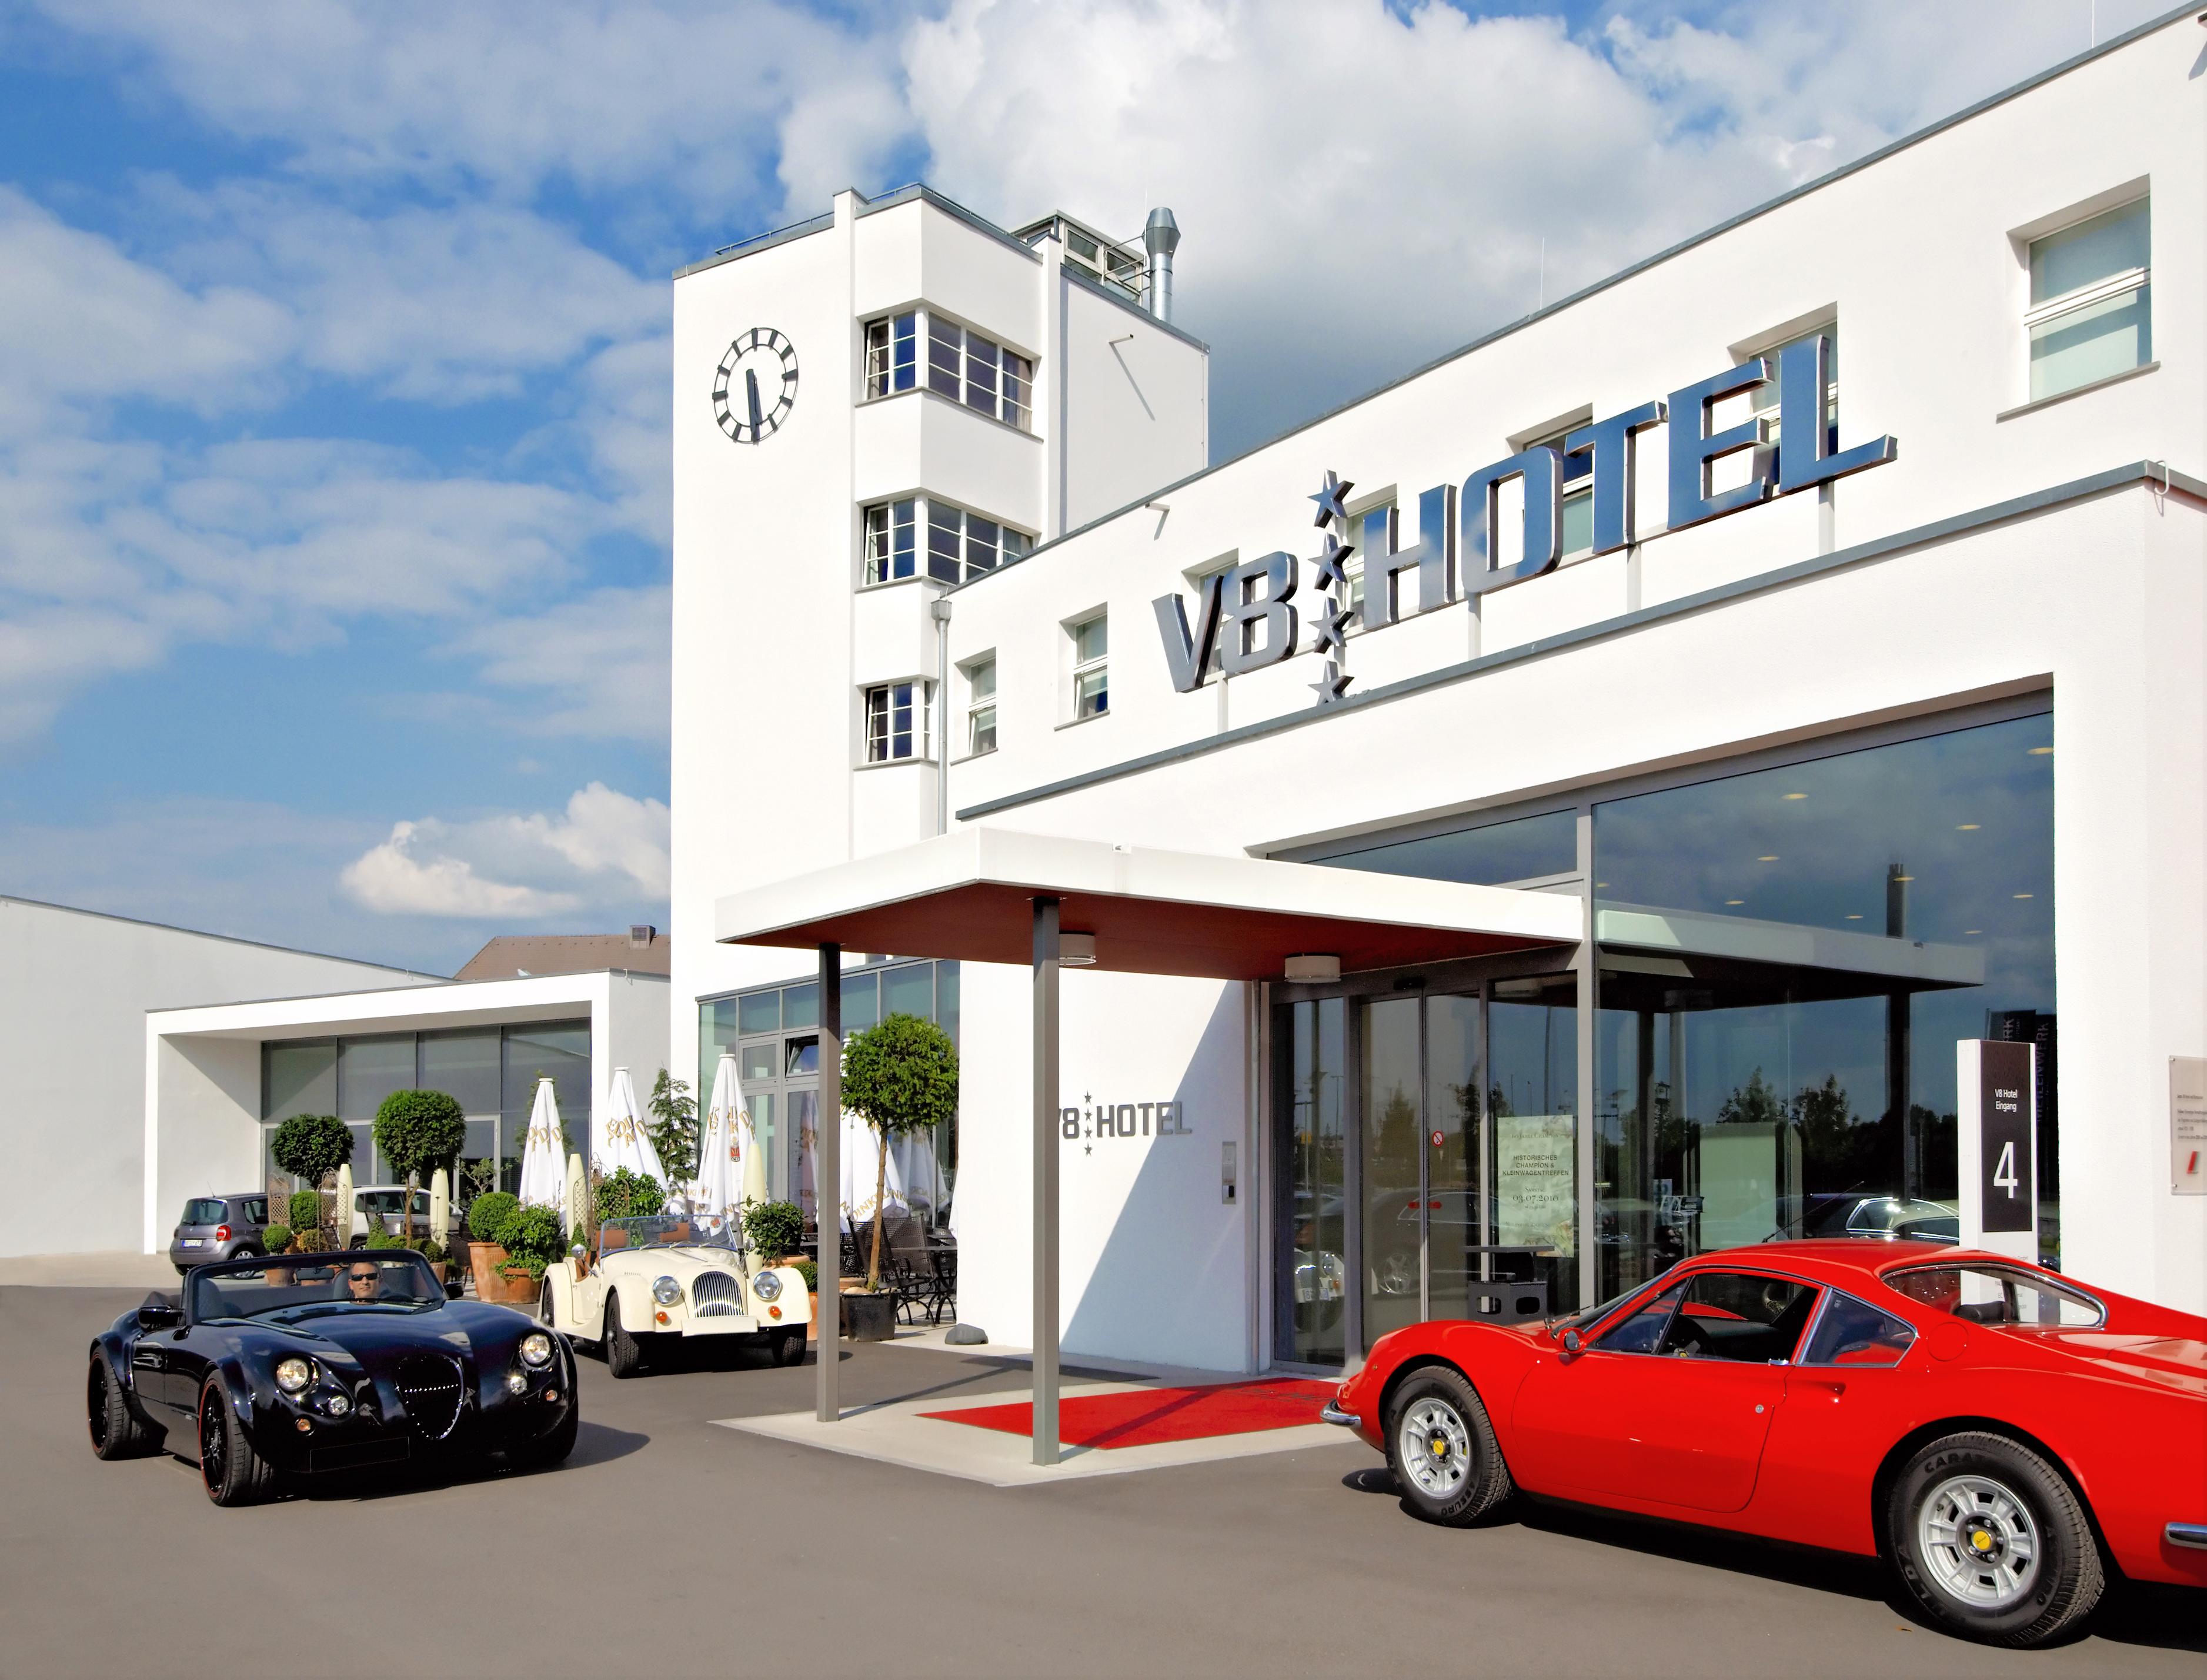 V8Hotel - Die Zimmer unseres automobilen 4-Sterne Themen- und Designhotels in der Motorworld Region Stuttgart sind geprägt von den klaren Linien der klassischen Moderne, ergänzt werden sie durch die verschiedenen einzigartigen, liebevoll ausgestatteten automobilen Themenzimmer. Die Krönung ist die 120qm große Suite im ehemaligen Flughafentower. Auf vier Etagen liegt ihnen dort die ganze Welt des Automobils zu Füßen. Der Wellnessbereich, verschiedene Gastronomieangebote und Veranstaltungsräume ergänzen das Angebot.